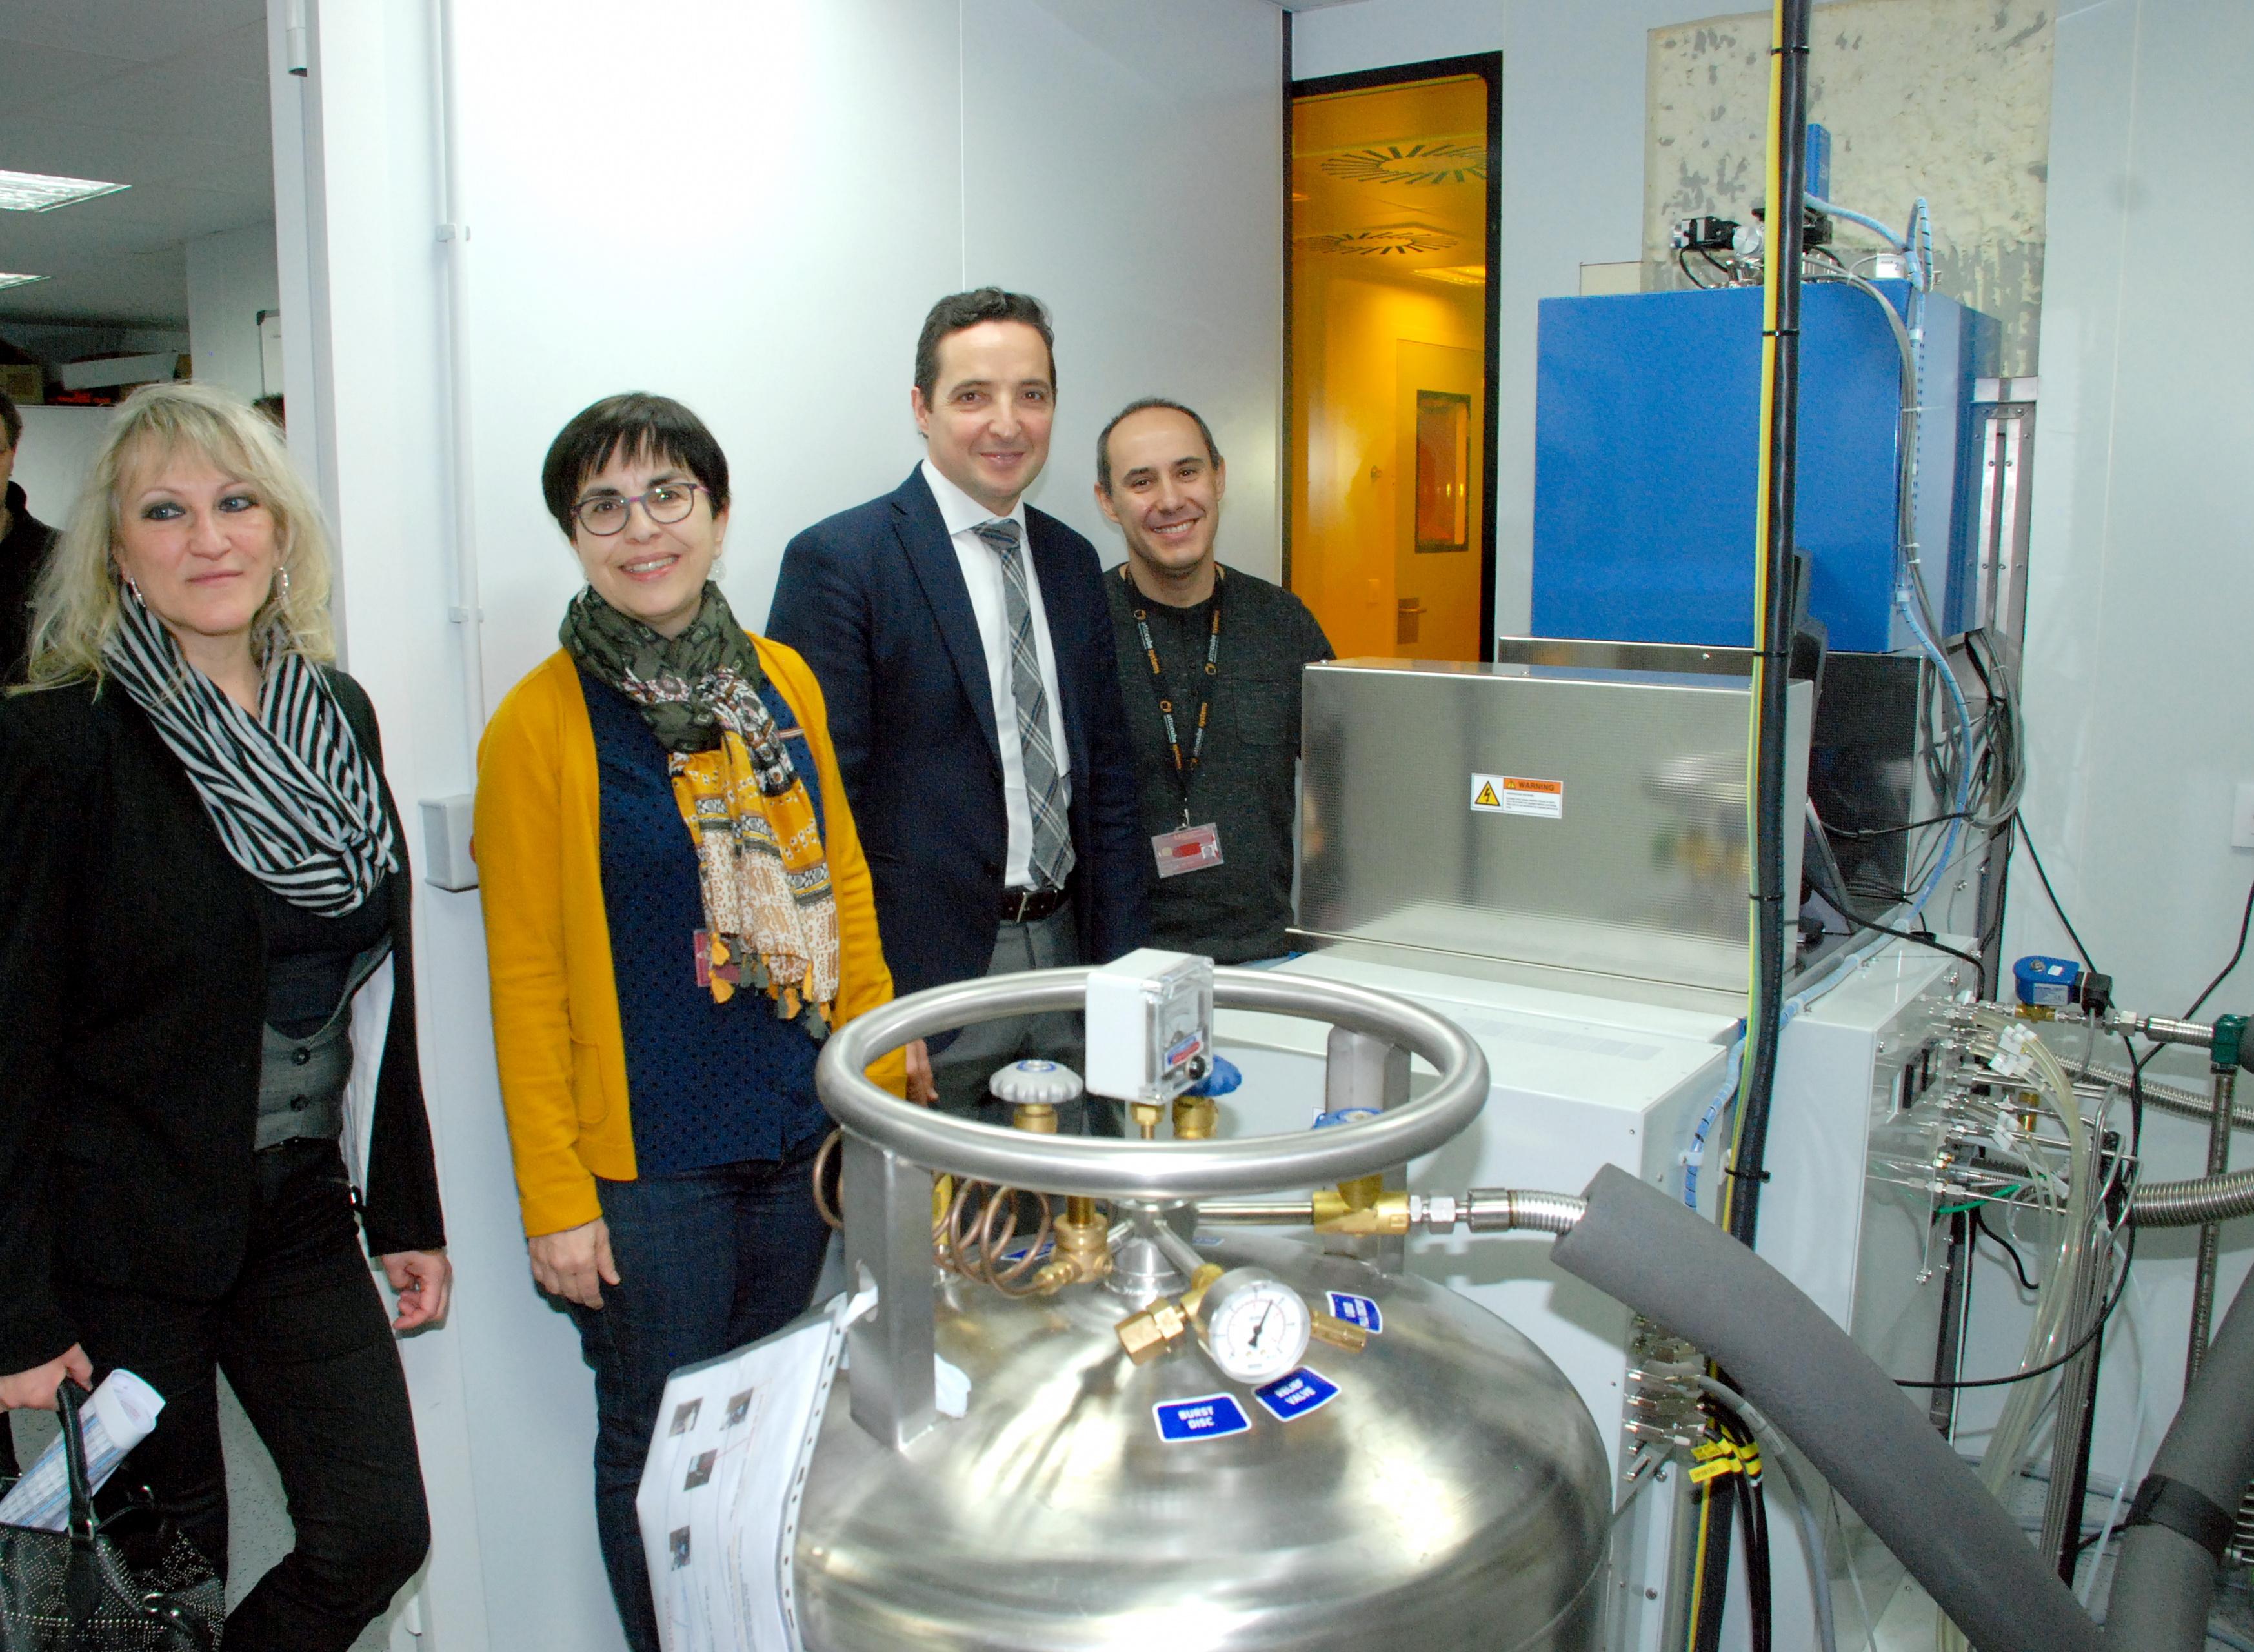 La USAL impulsa la investigación en el ámbito de la nanotecnología con la adquisición de dos equipos punteros por valor de 800.000 €